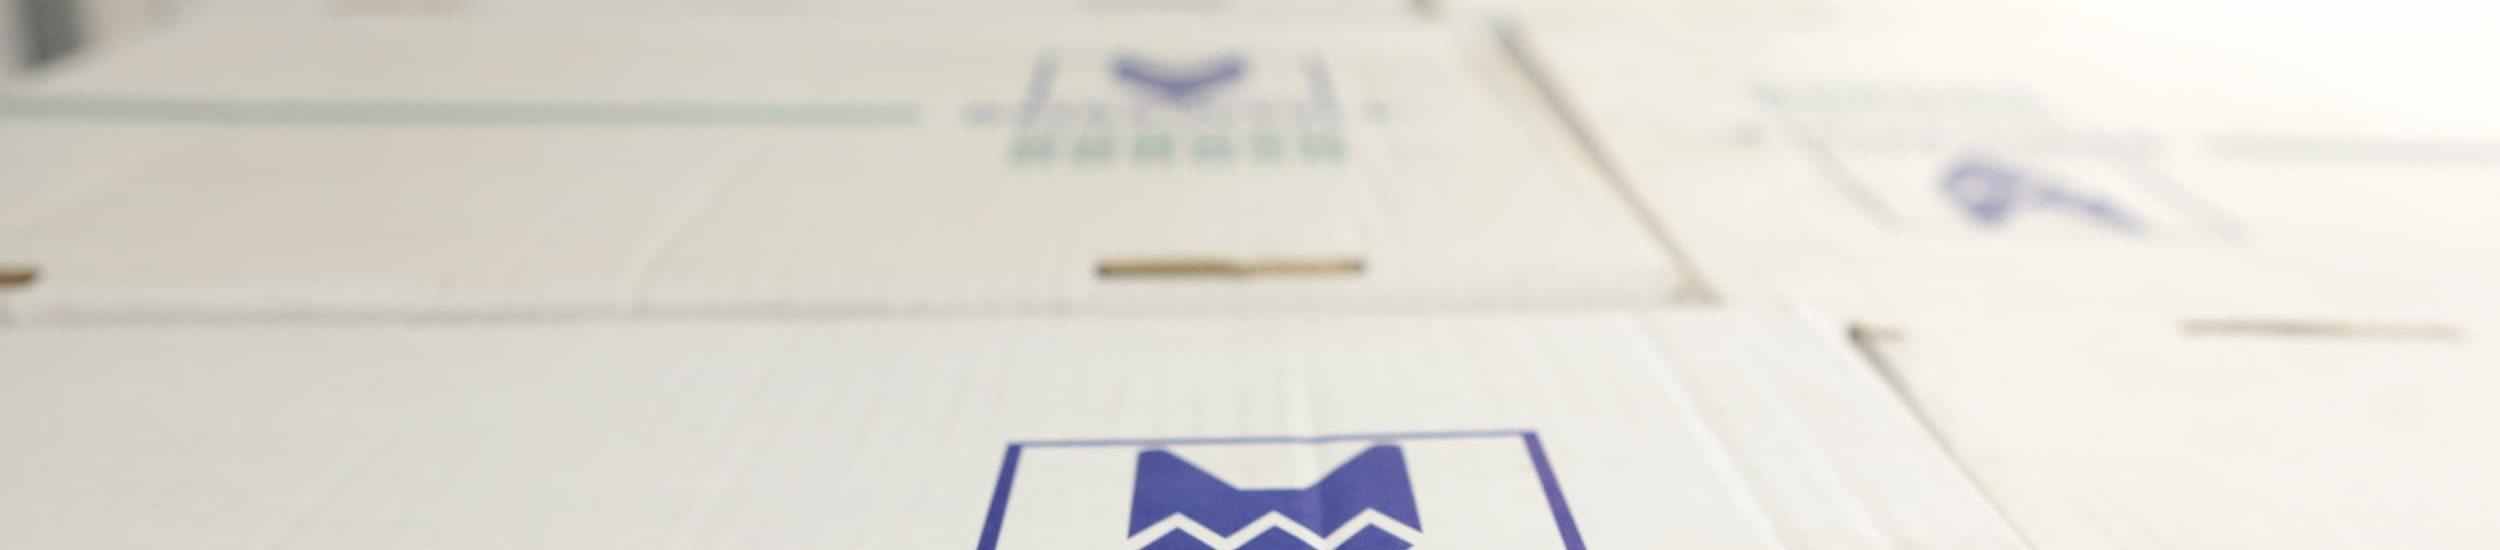 Архівні коробки Київ фото